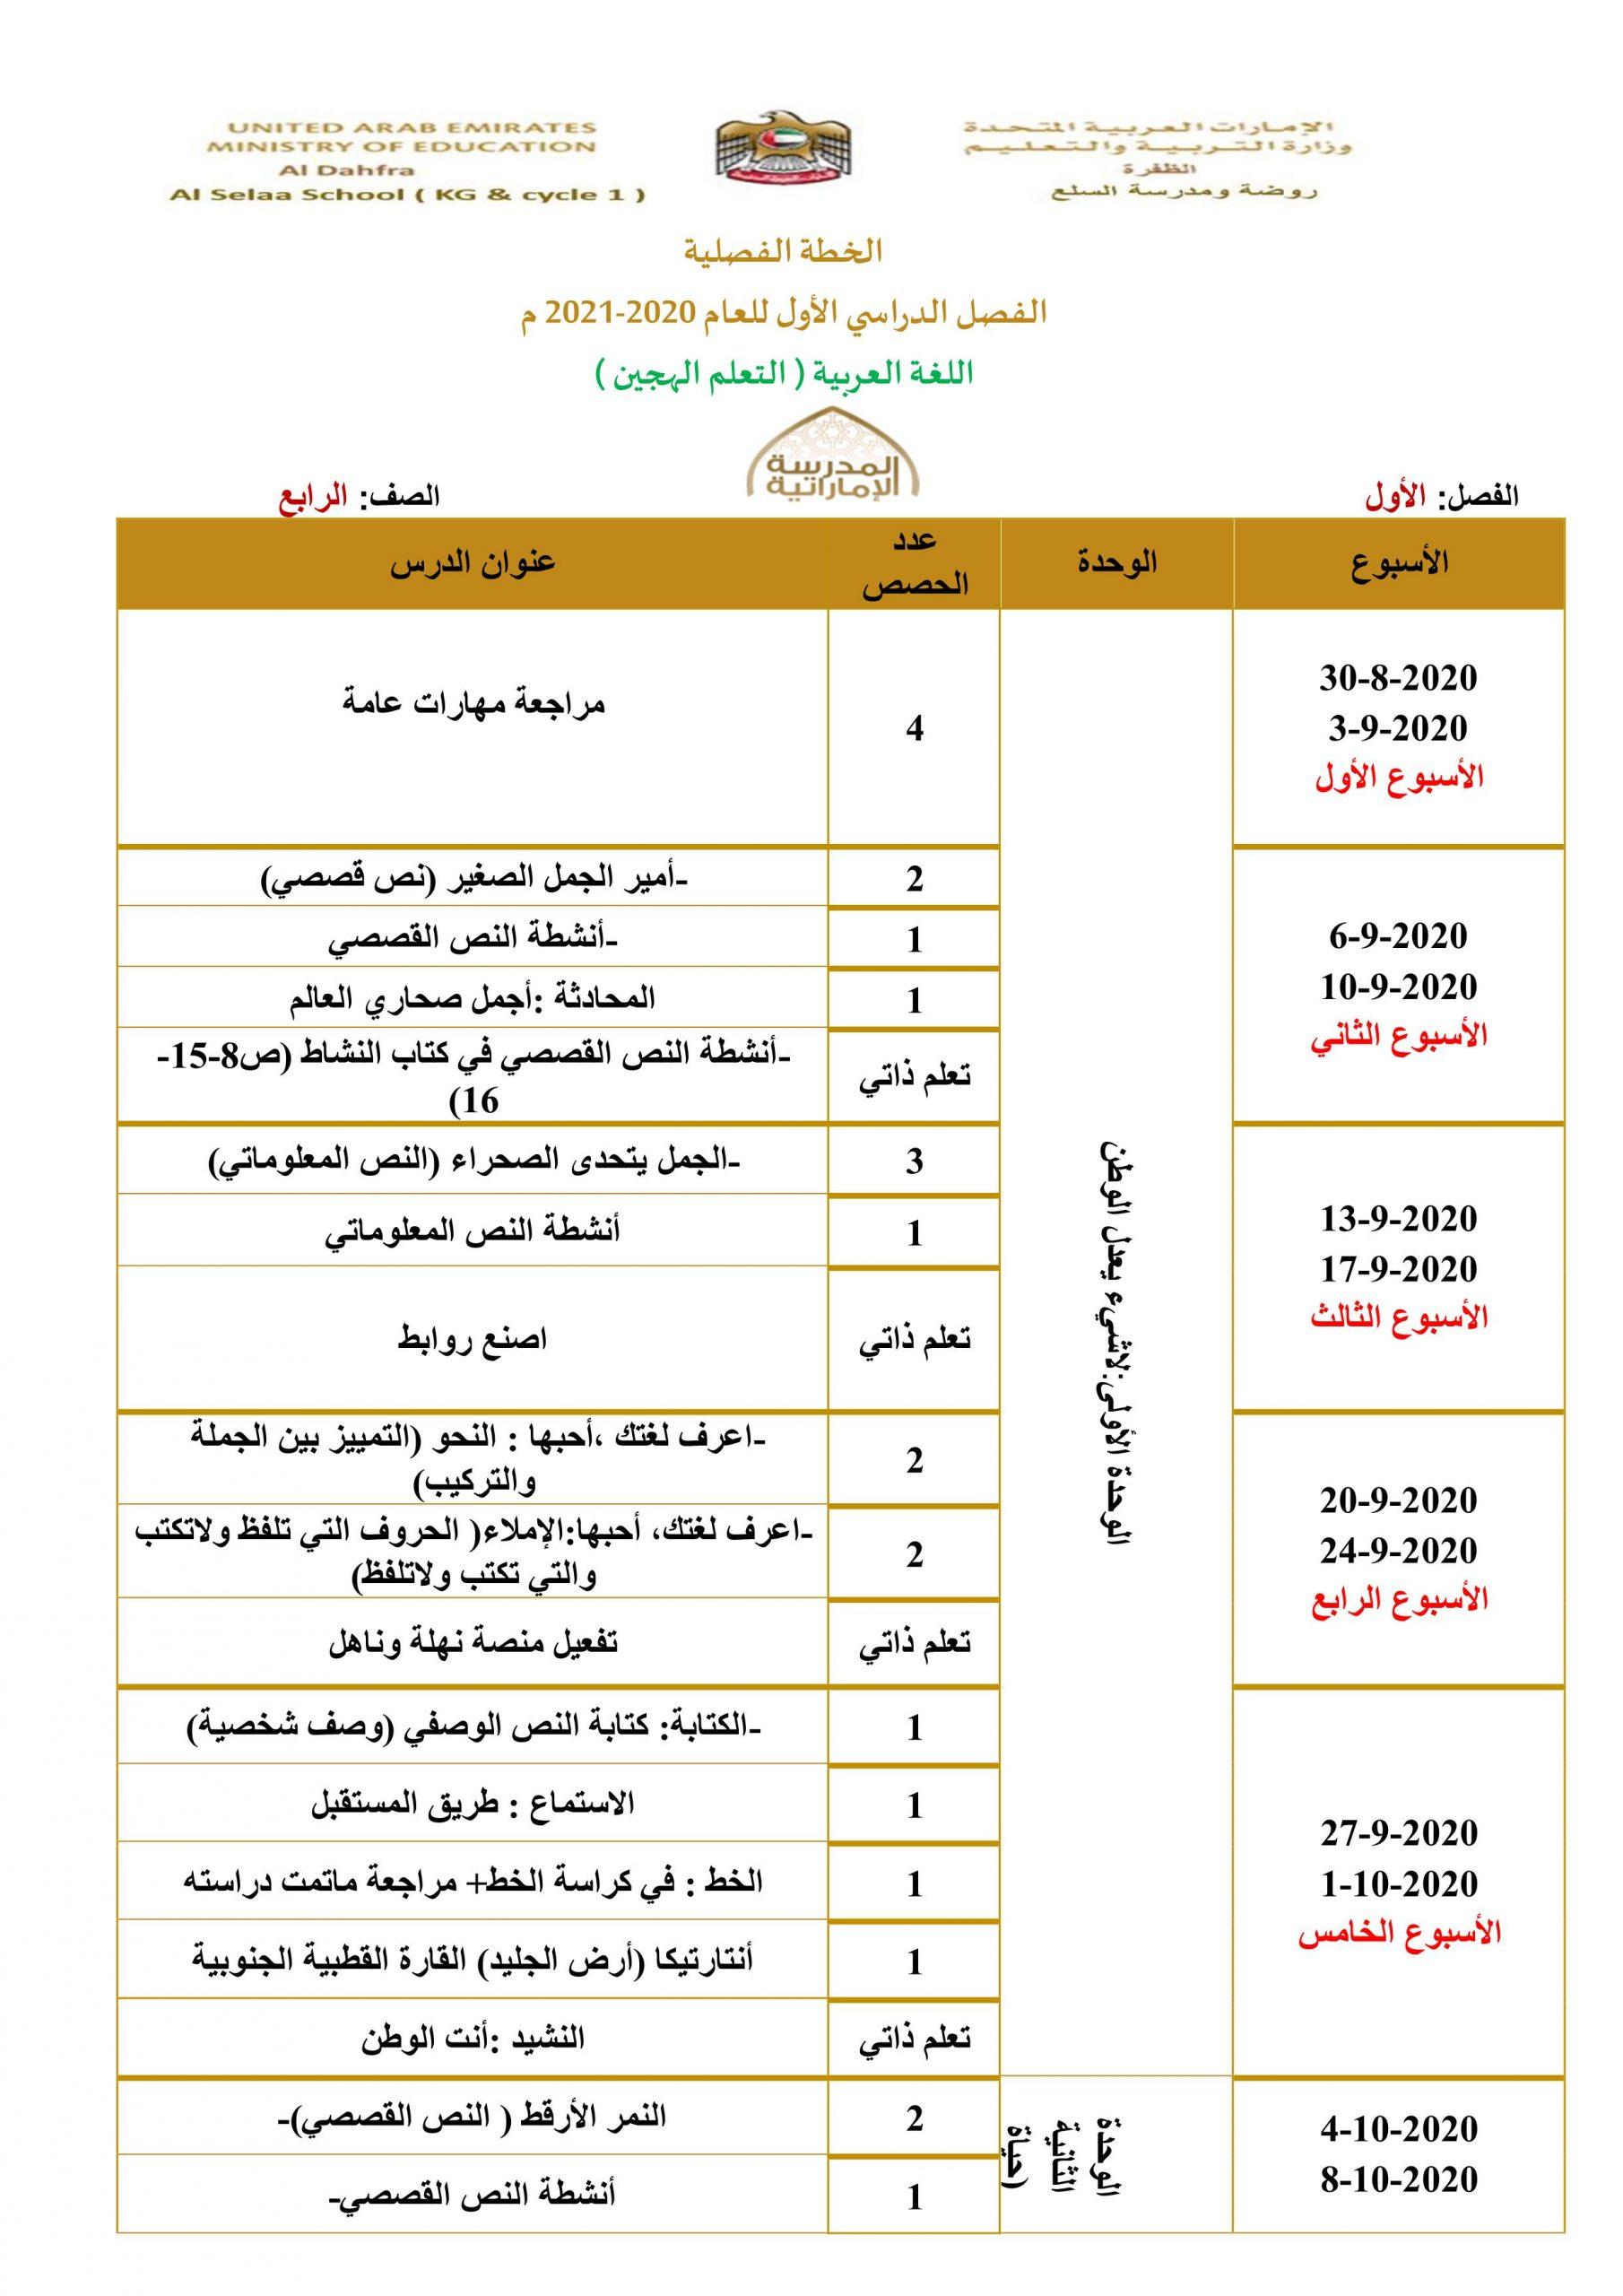 الخطة الفصلية للفصل الدراسي الاول للصف الرابع مادة اللغة العربية